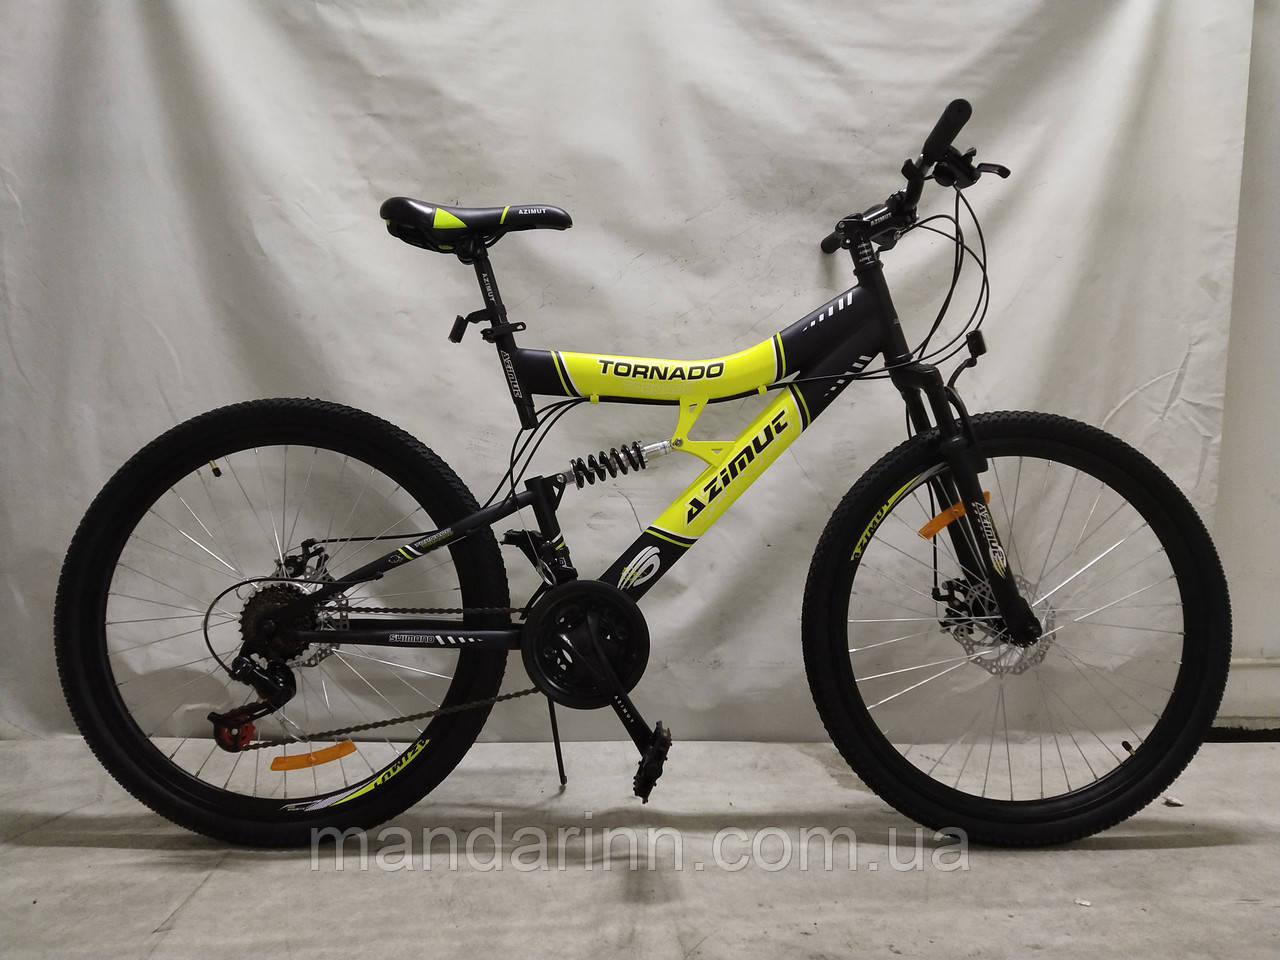 Горный велосипед Azimut Tornado 26 дюймов. Дисковые тормоза. Желтый.